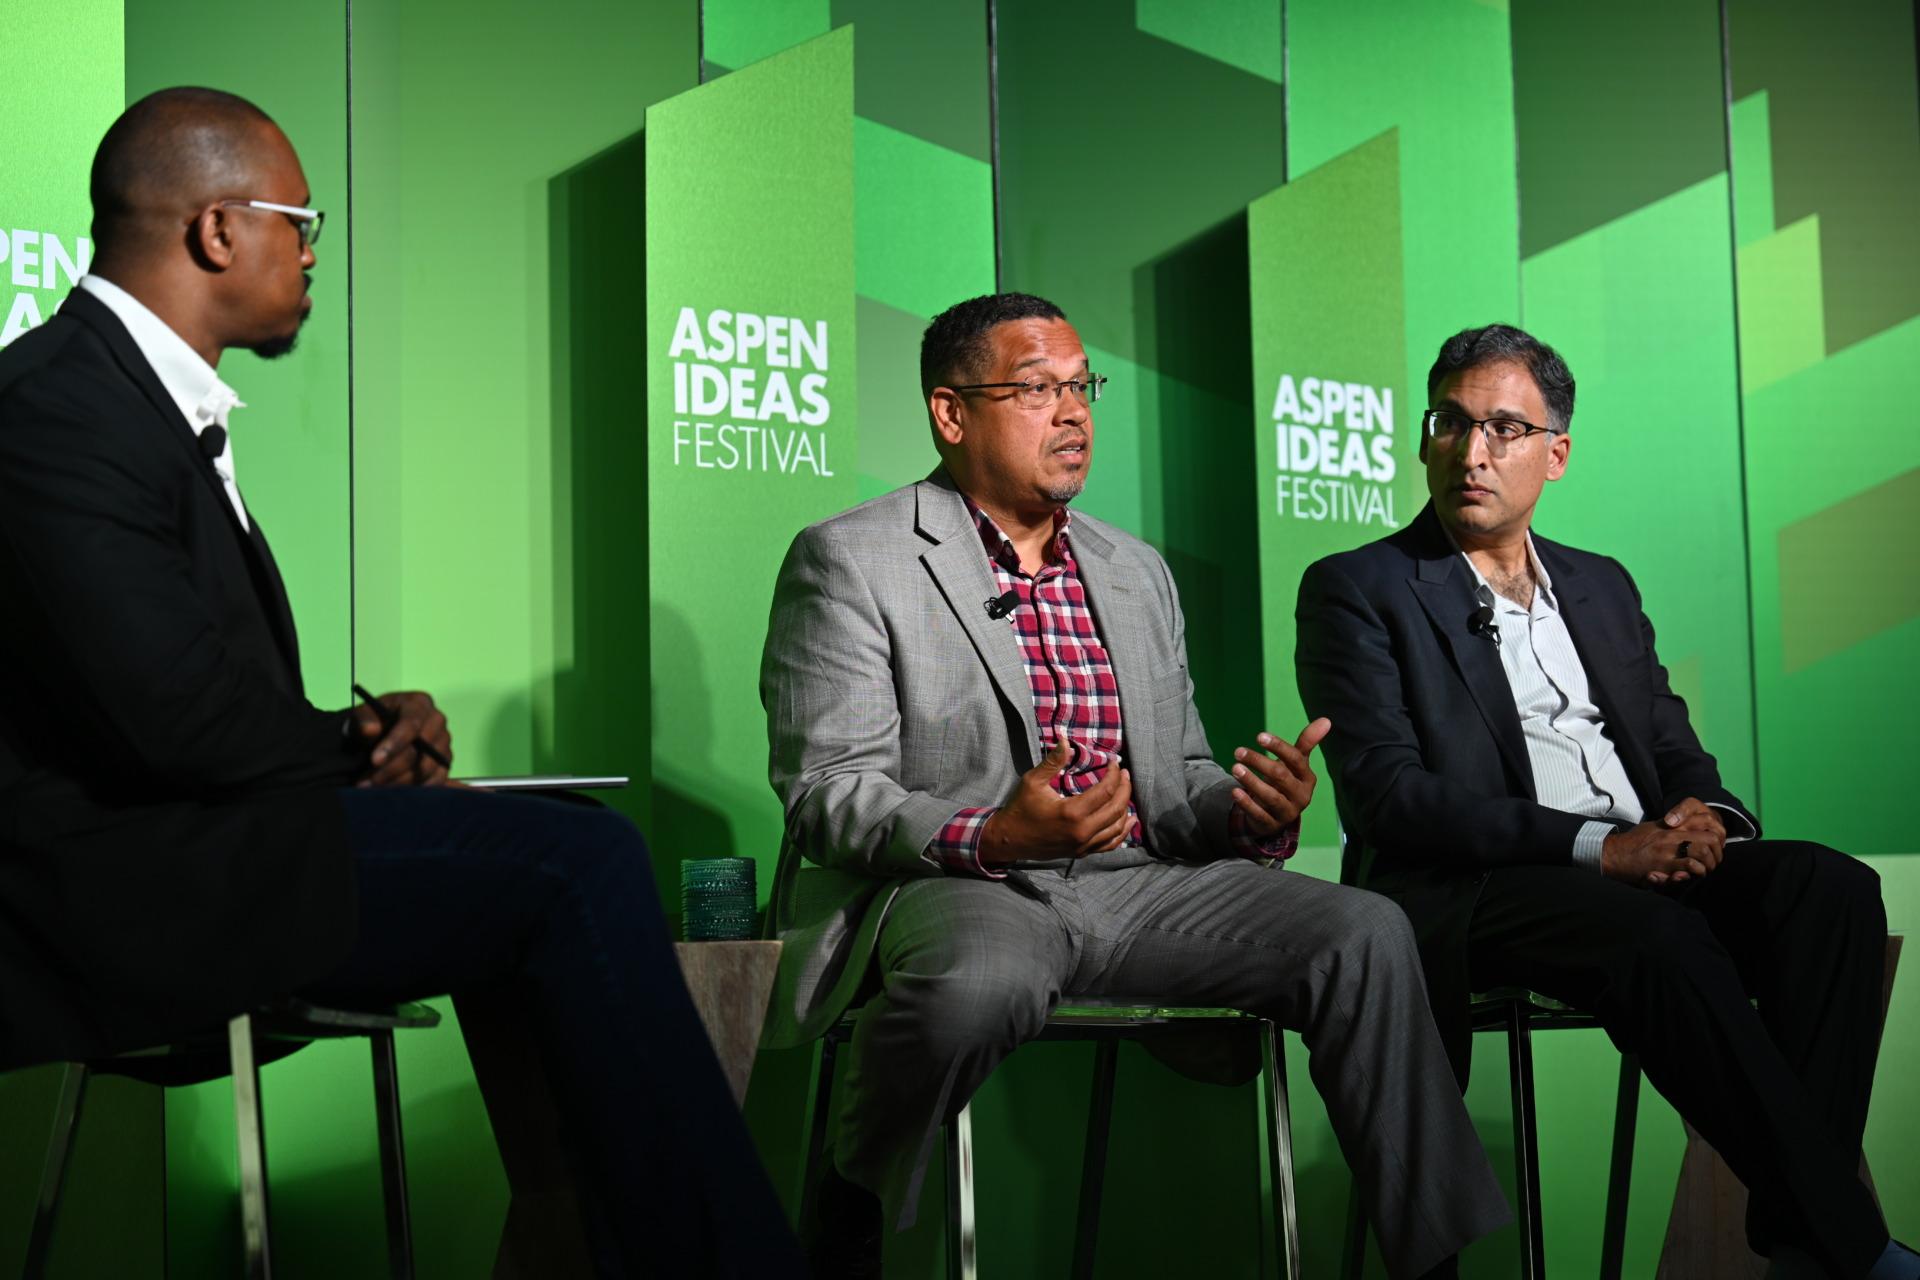 Aspen Ideas Festival 2021: A Playlist